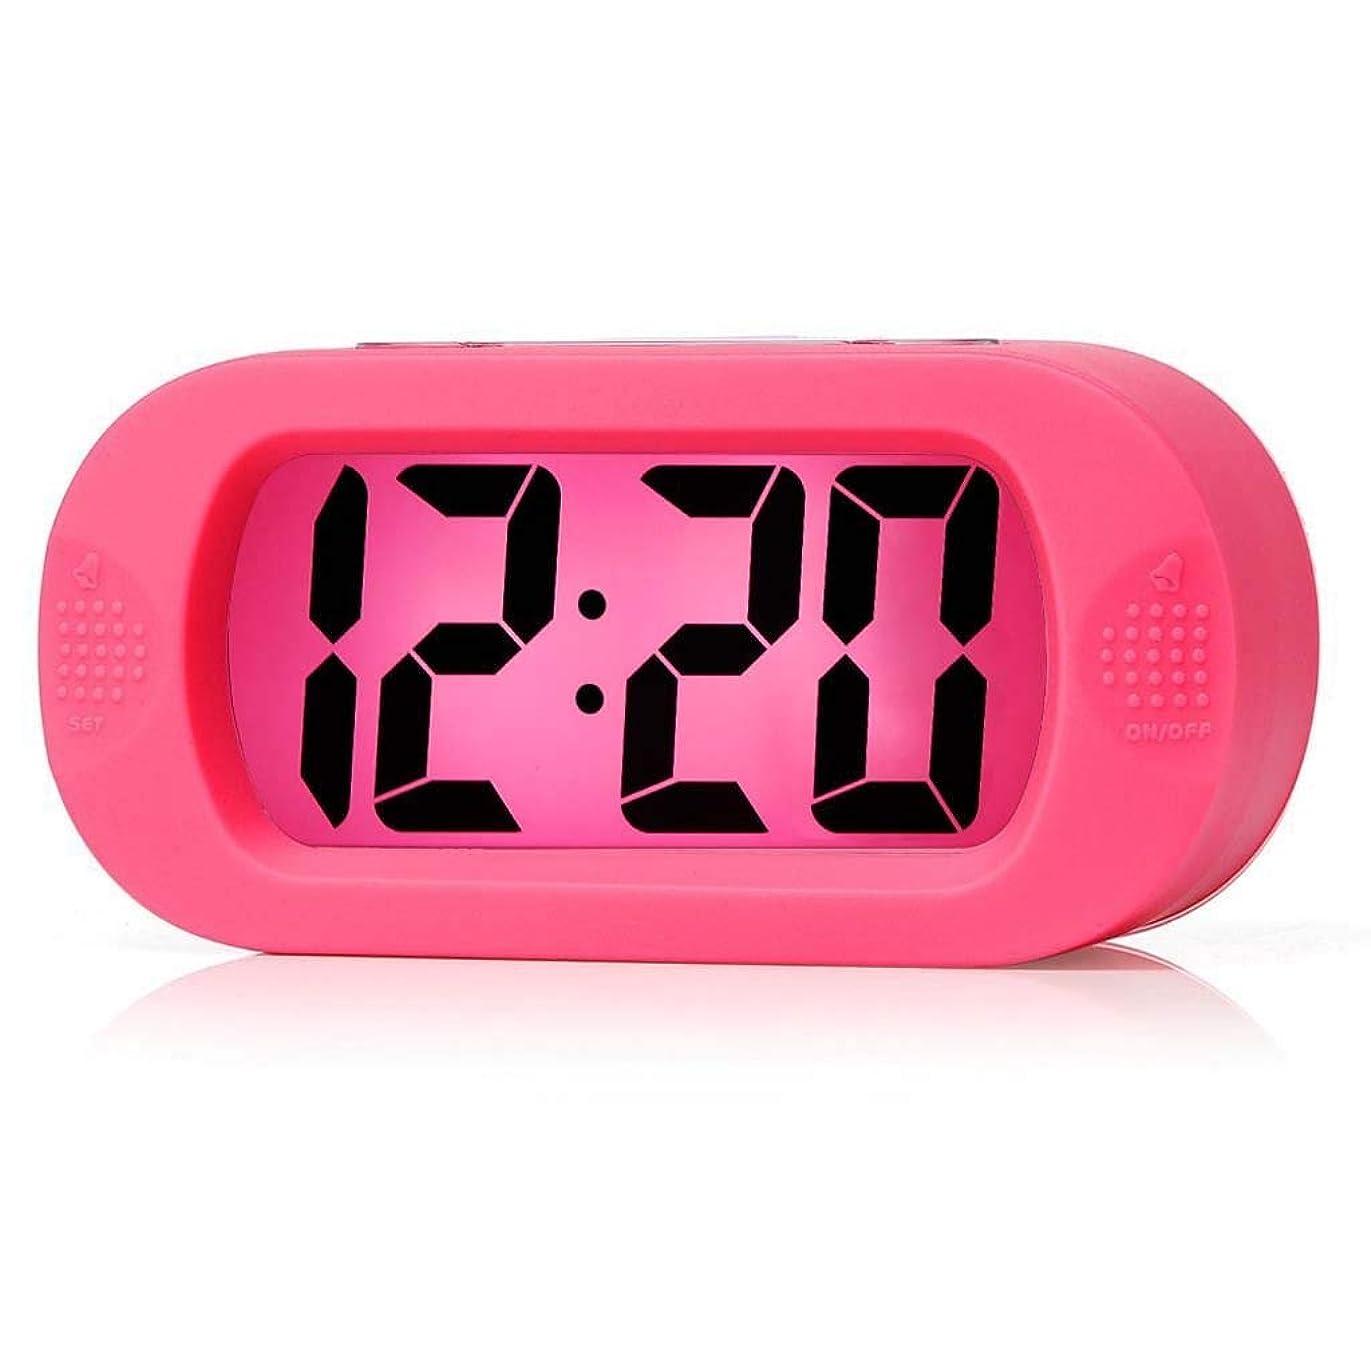 元に戻すトラクターアスレチッククリエイティブと汎用ファッション電子時計電子目覚まし時計ナイトライトアラーム/黒目覚まし時計電子時計 (色 : ピンク)